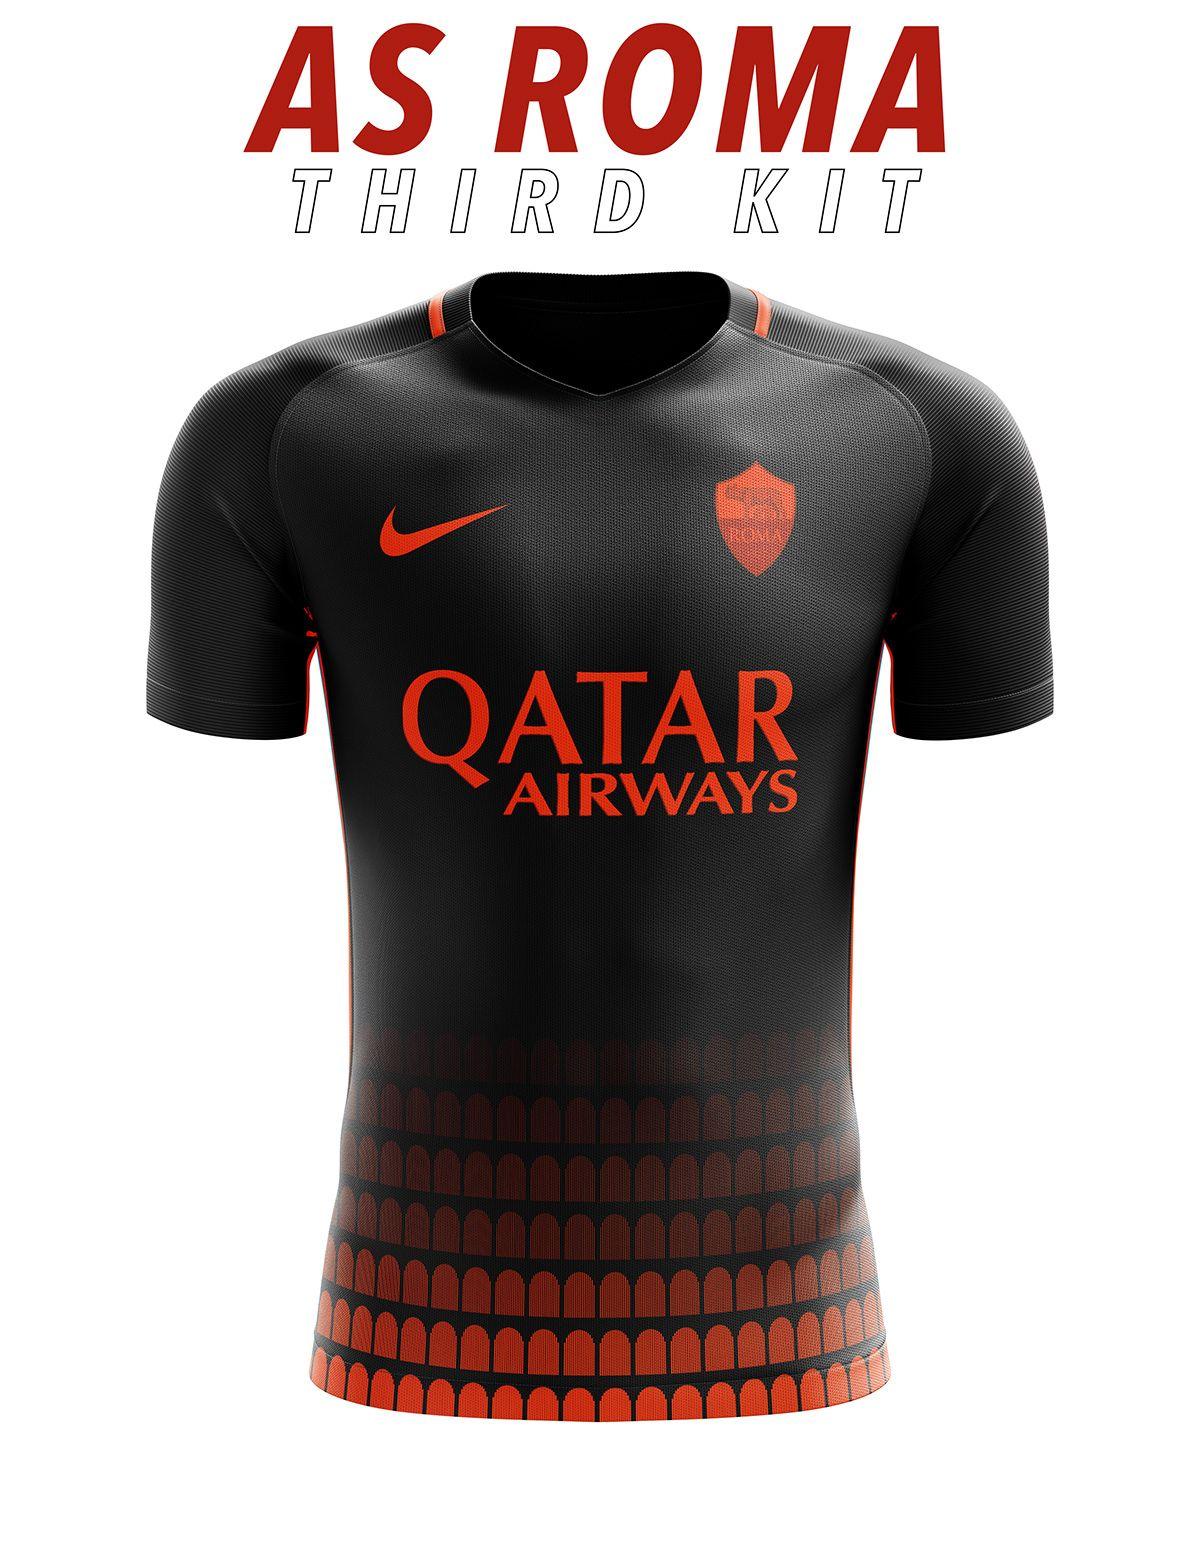 0af551cd65f Random Football Kit 4. on Behance   Football   Football kits ...